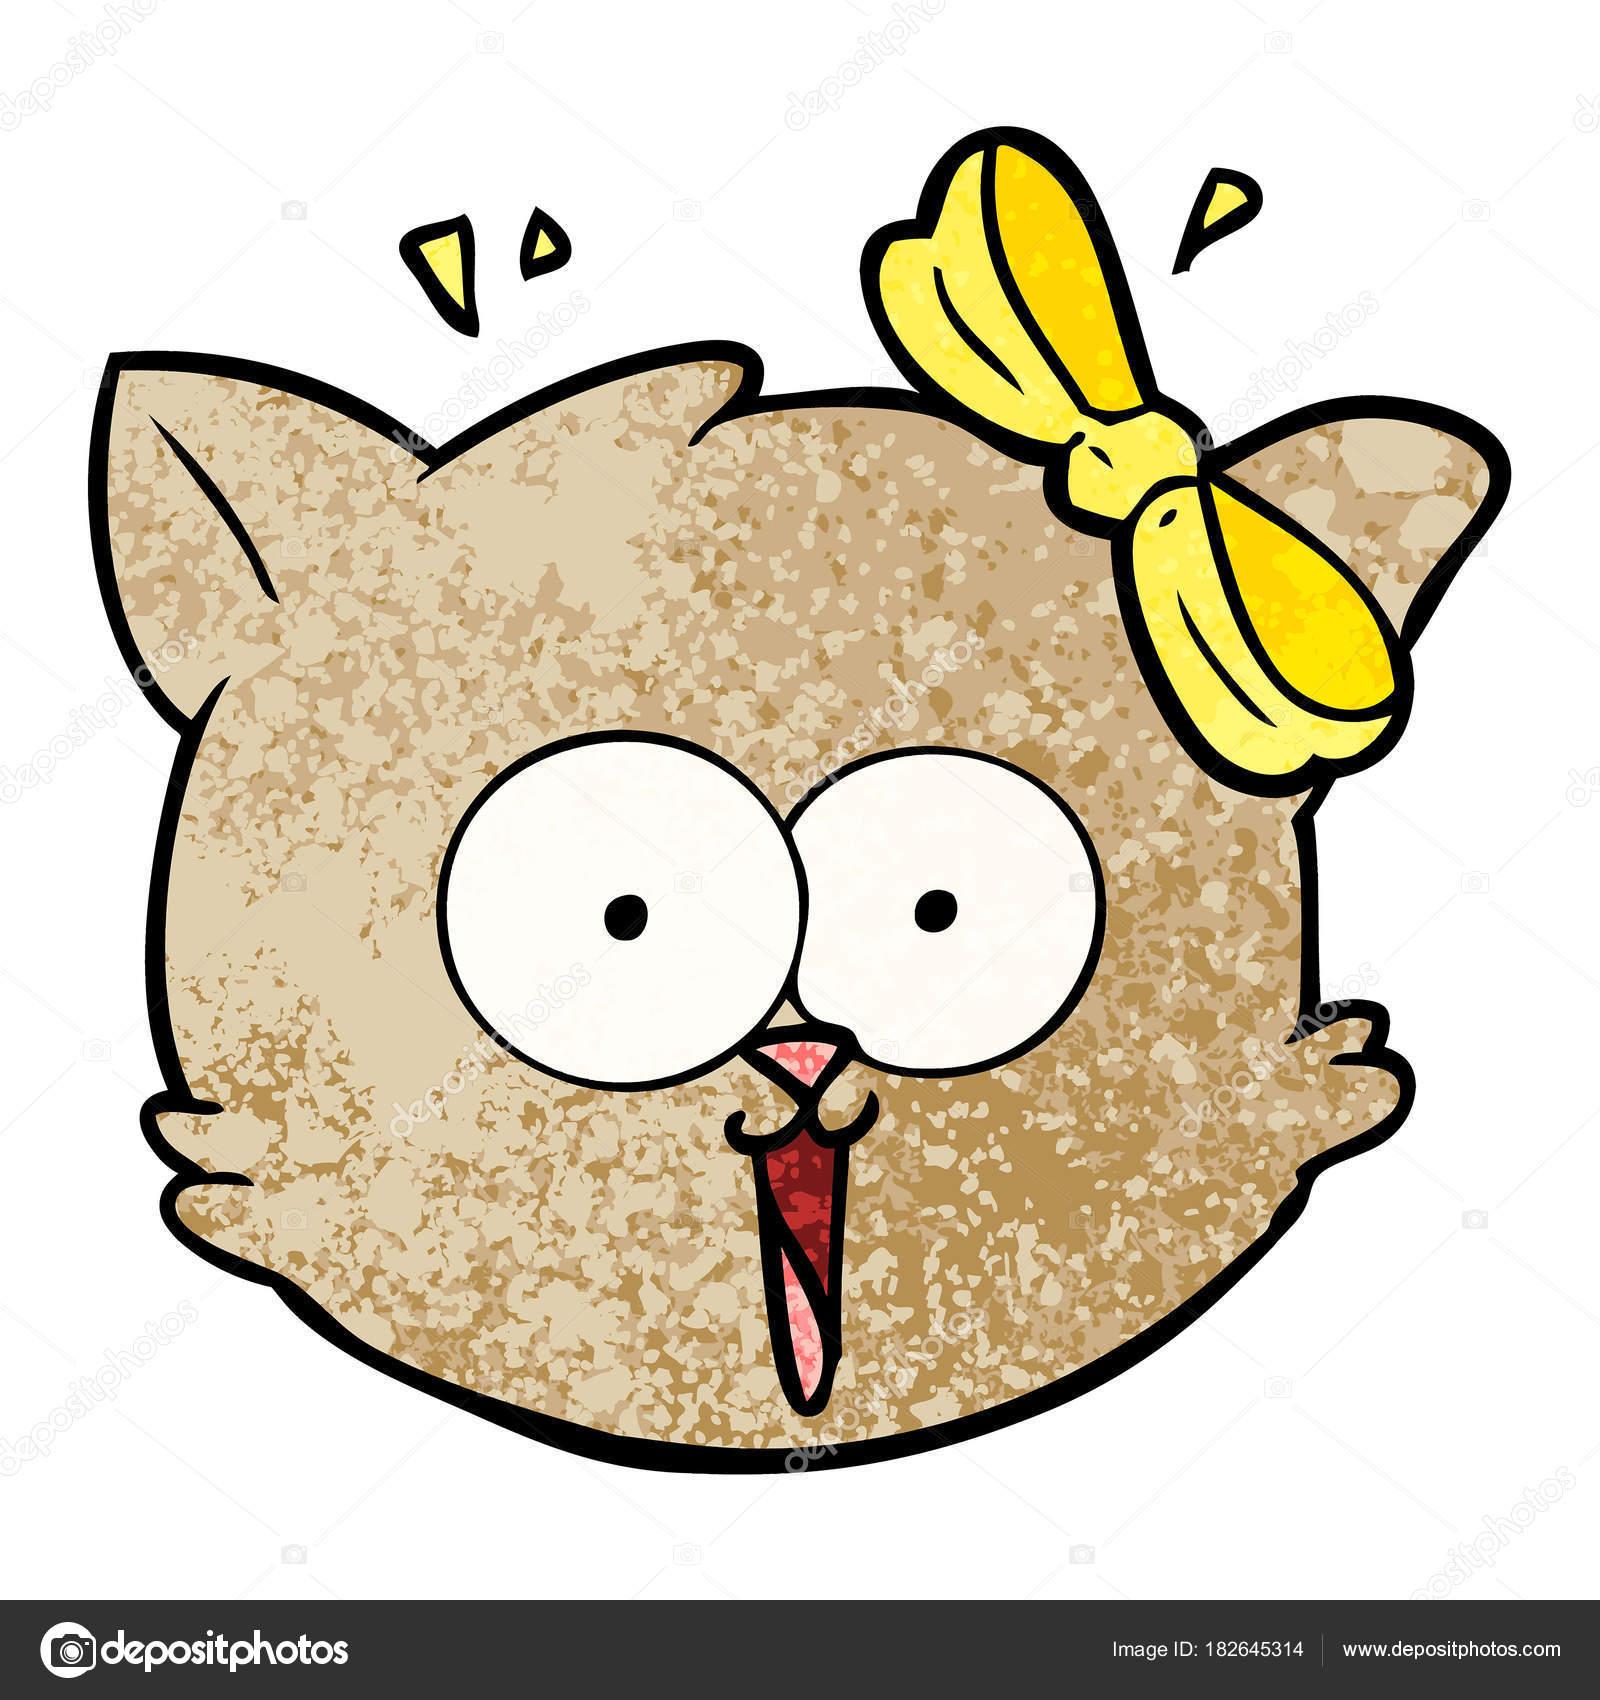 Dibujos Caricaturas De Gatos Tiernos Vector Ilustración Dibujos